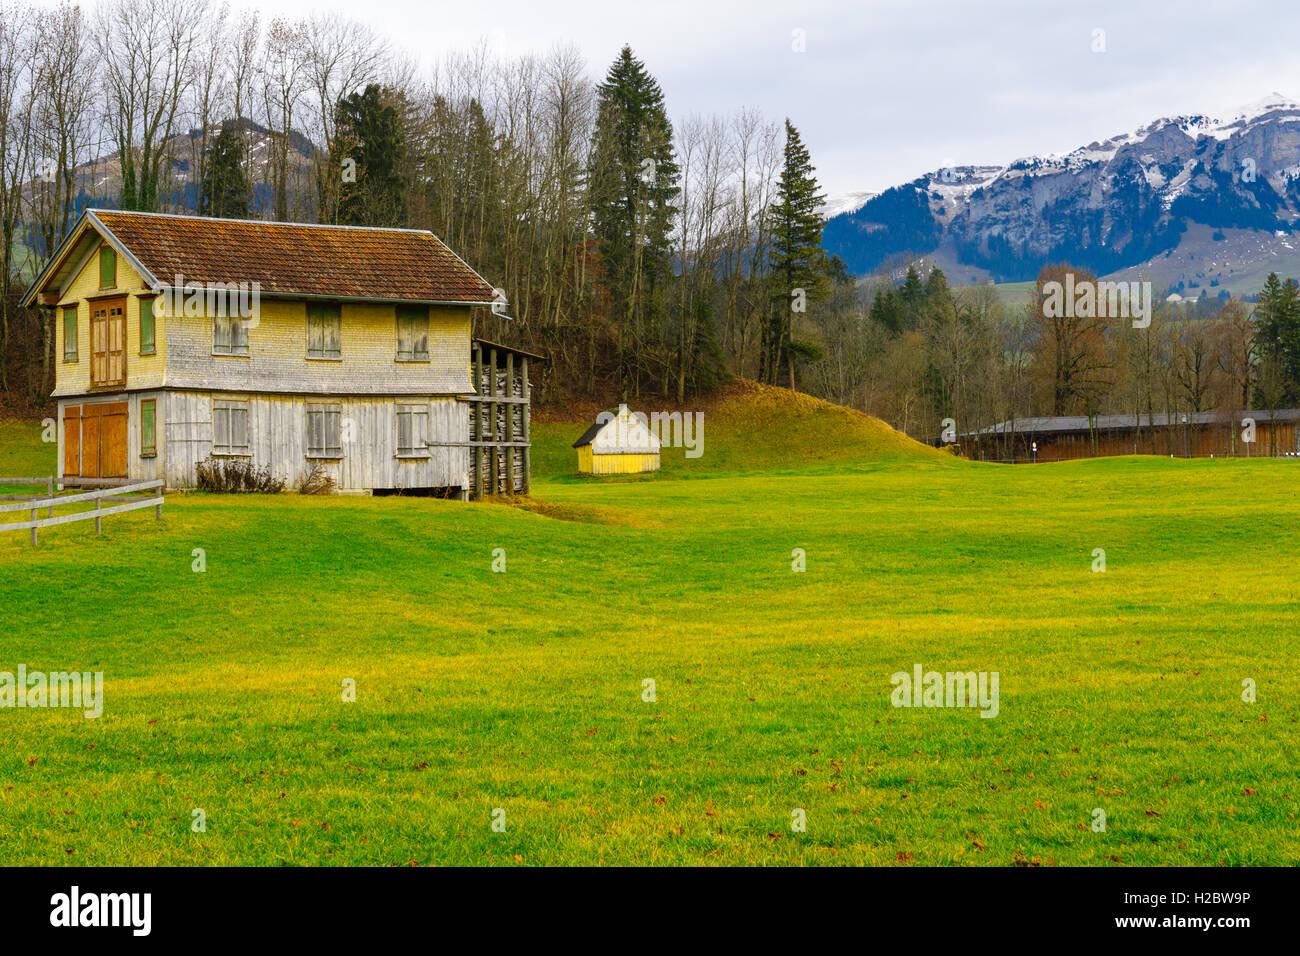 Typische Häuser und Landschaft, in Appenzell, Schweiz Stockbild